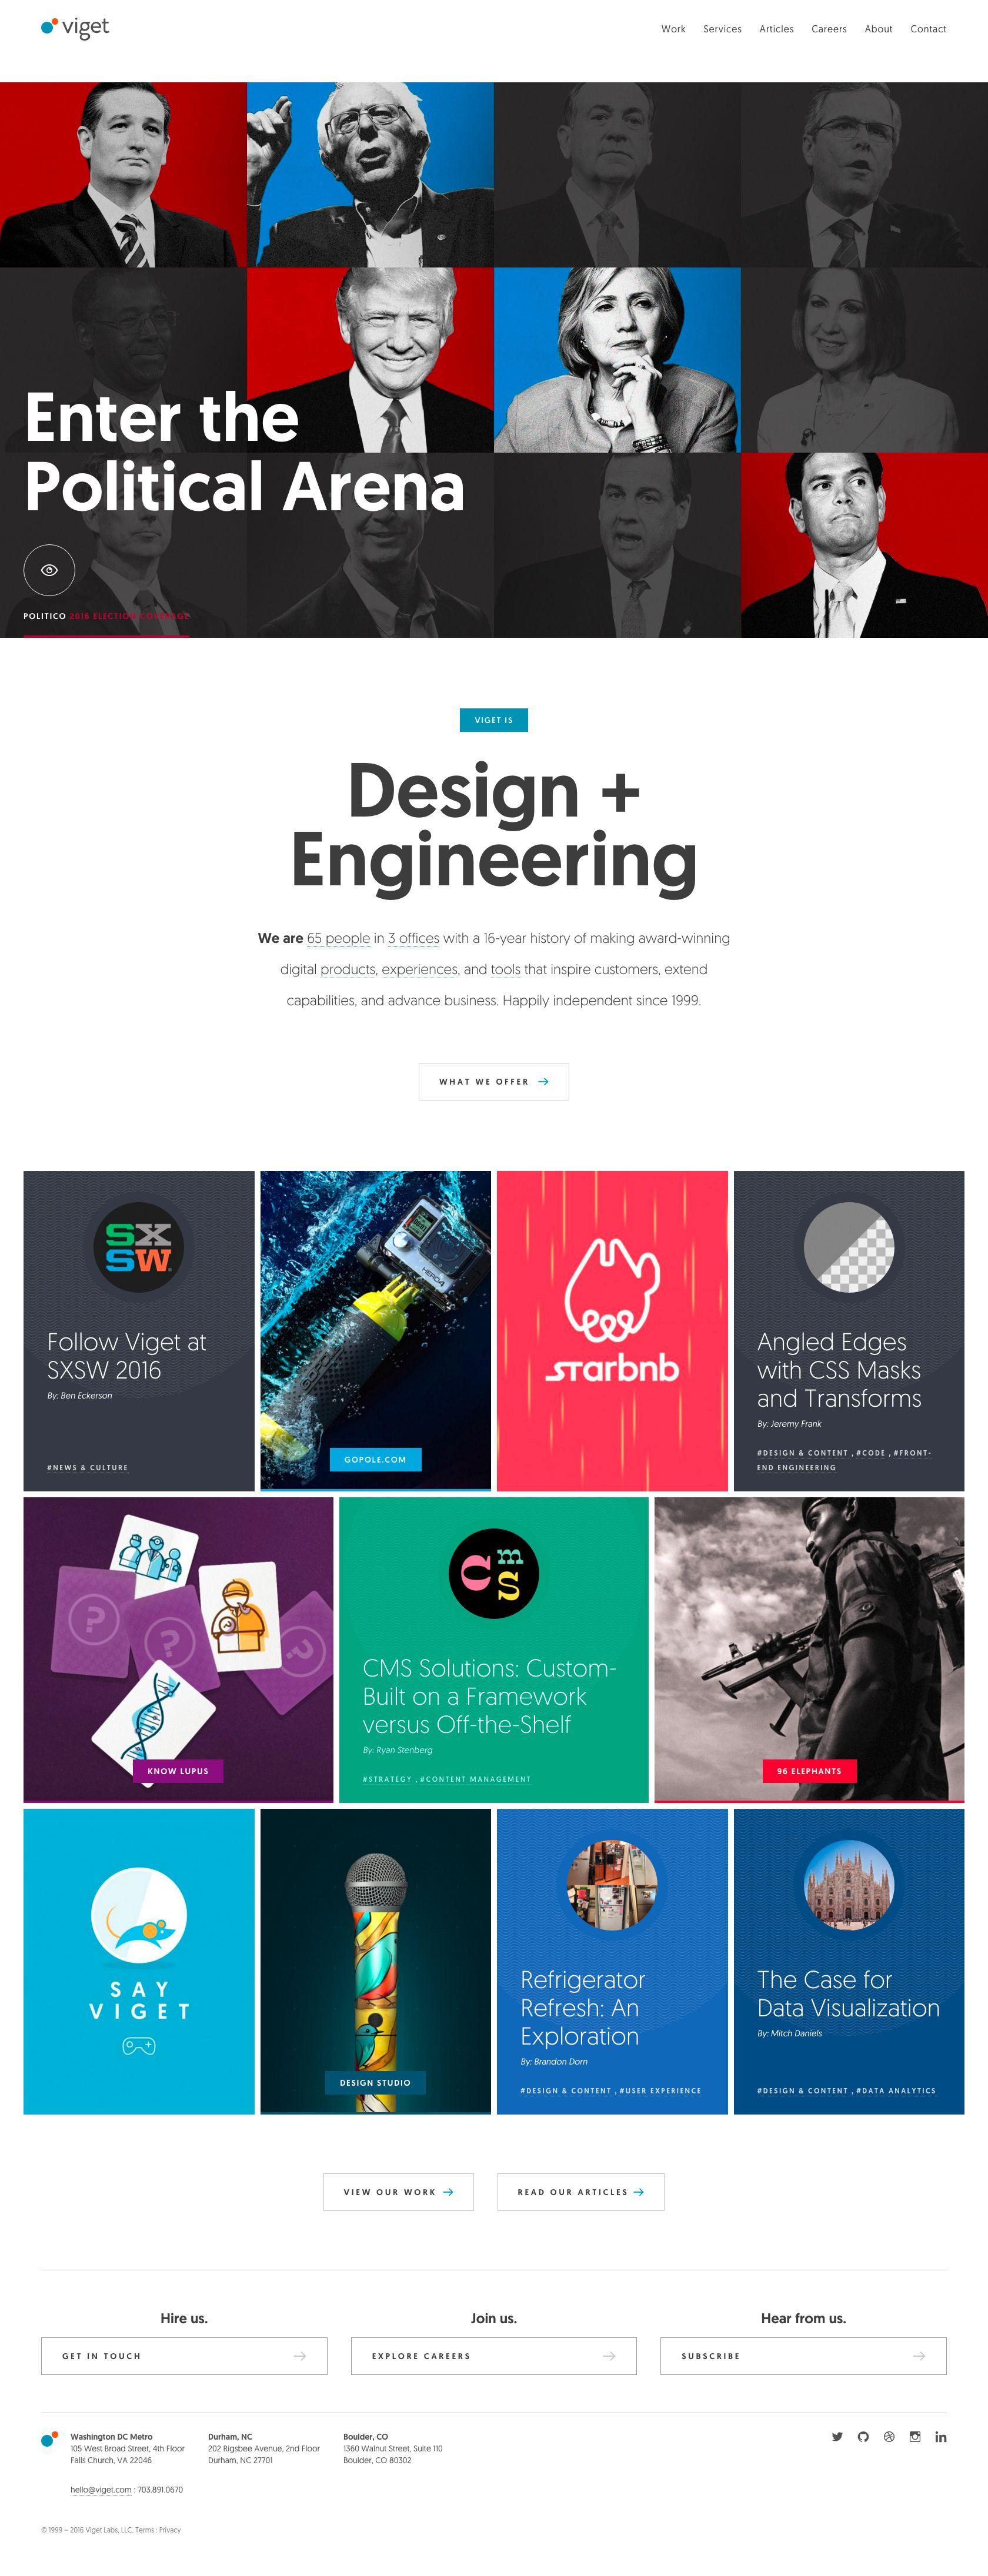 Viget 01 Jpg 1680 4382 Cool Websites Data Visualization Web Design